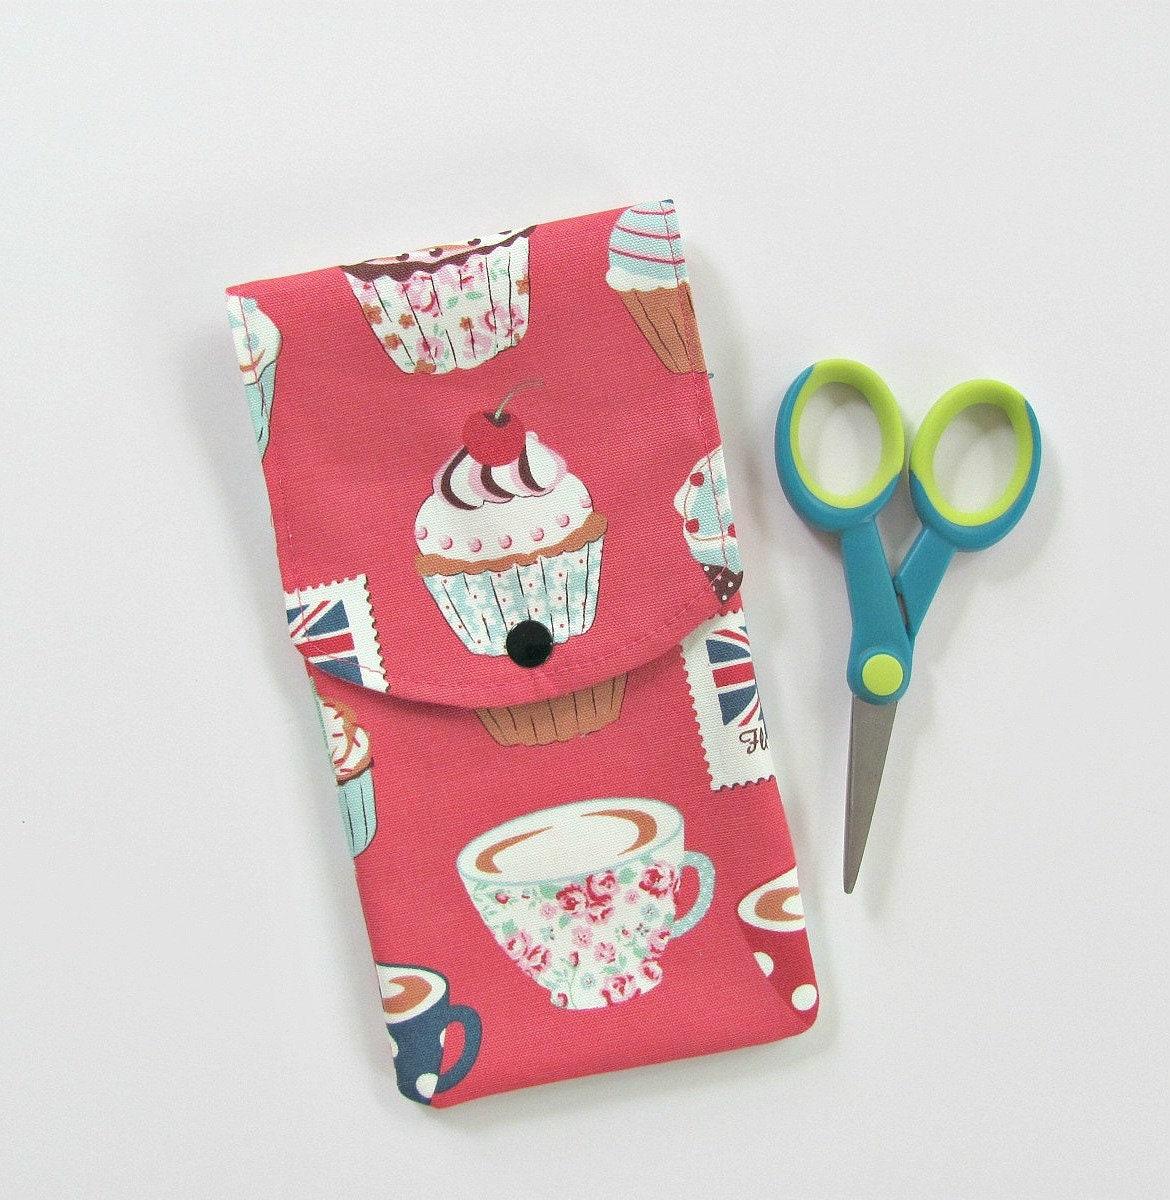 Thé et petits gâteaux de tricot cas, support crochets cas, de gâteaux  Crochet crochets b9d4eb47213